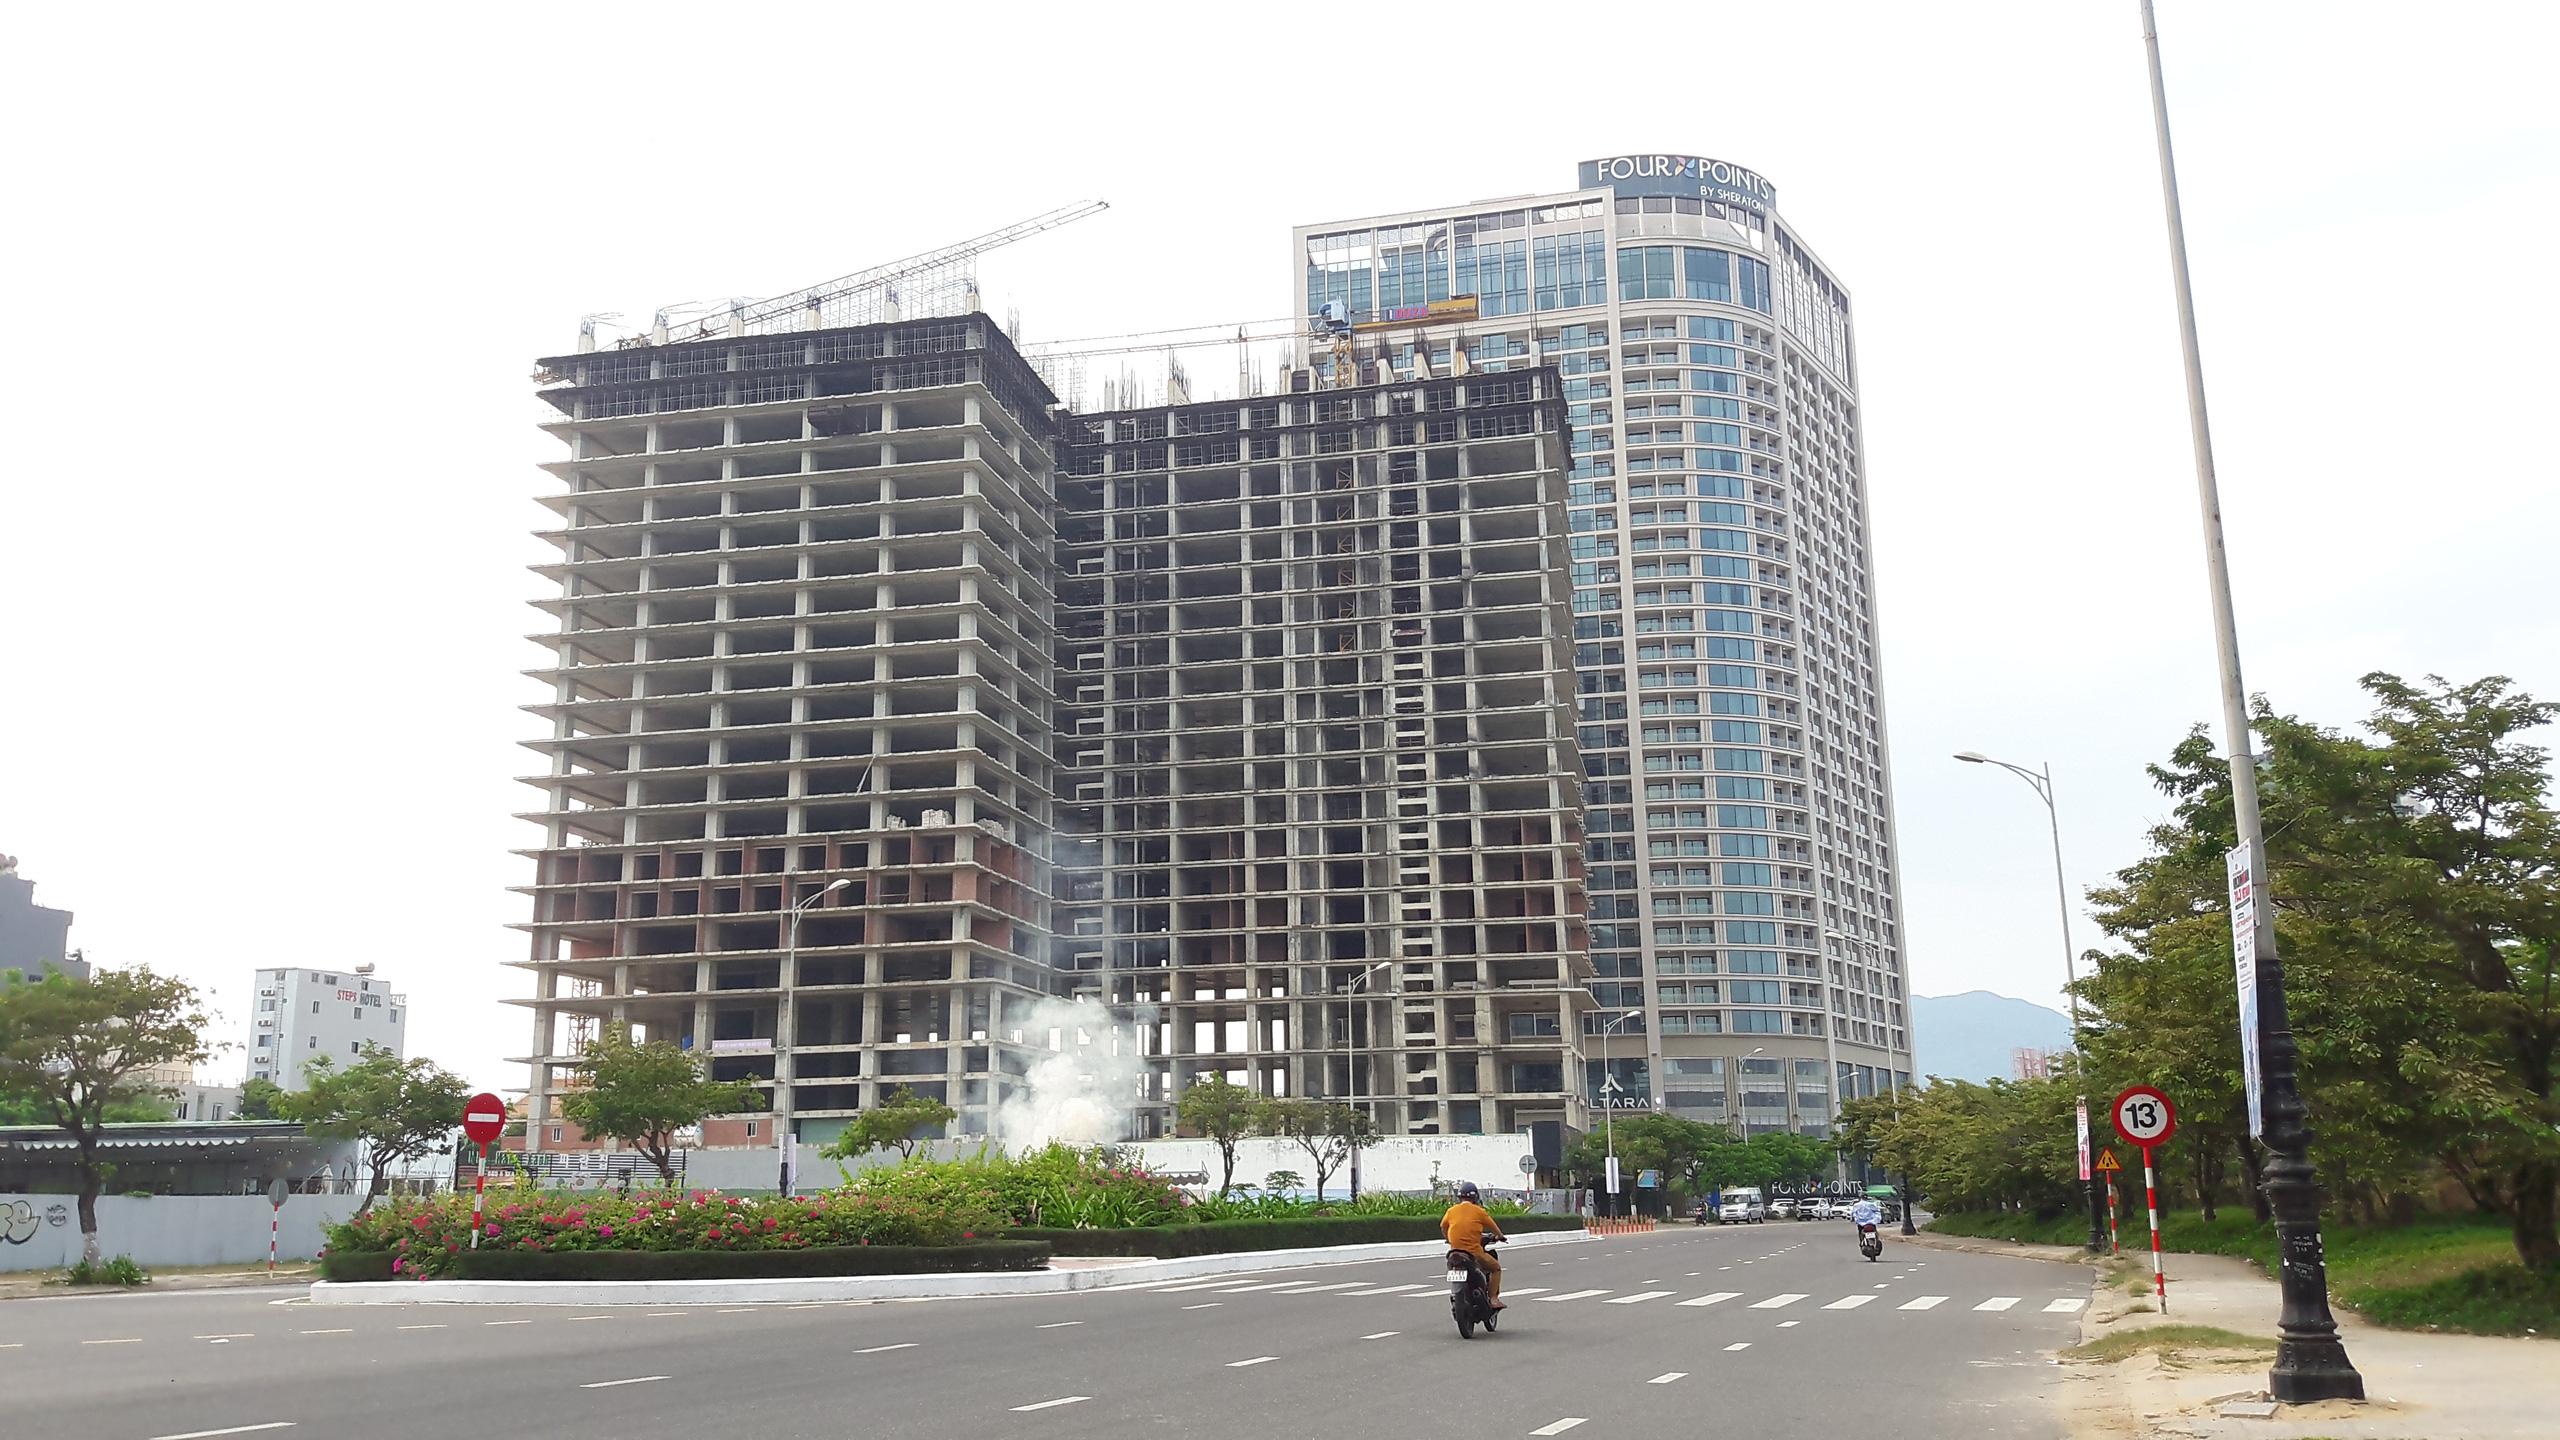 Quận Sơn Trà, Đà Nẵng sắp có gần 1.900 căn hộ cao cấp, riêng Đông Đô hơn 800 căn - Ảnh 1.